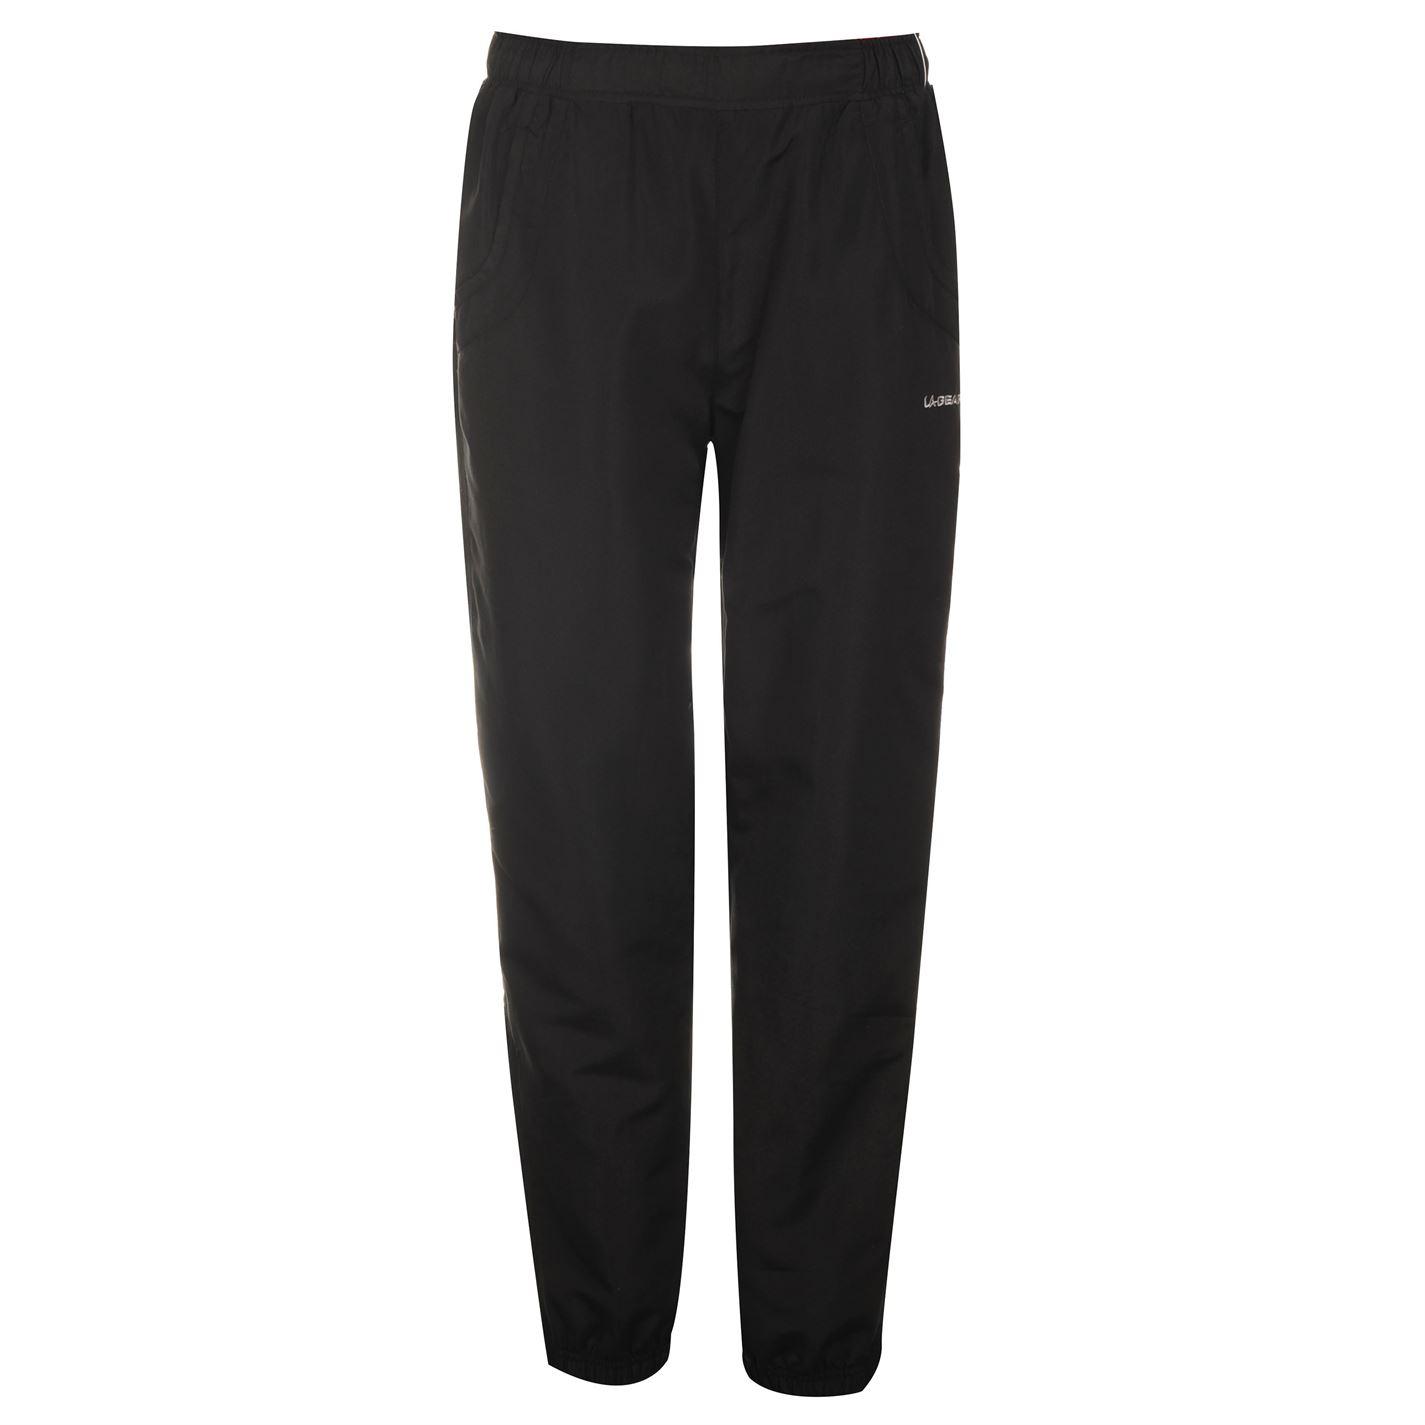 LA Gear Hem Woven Pants Ladies